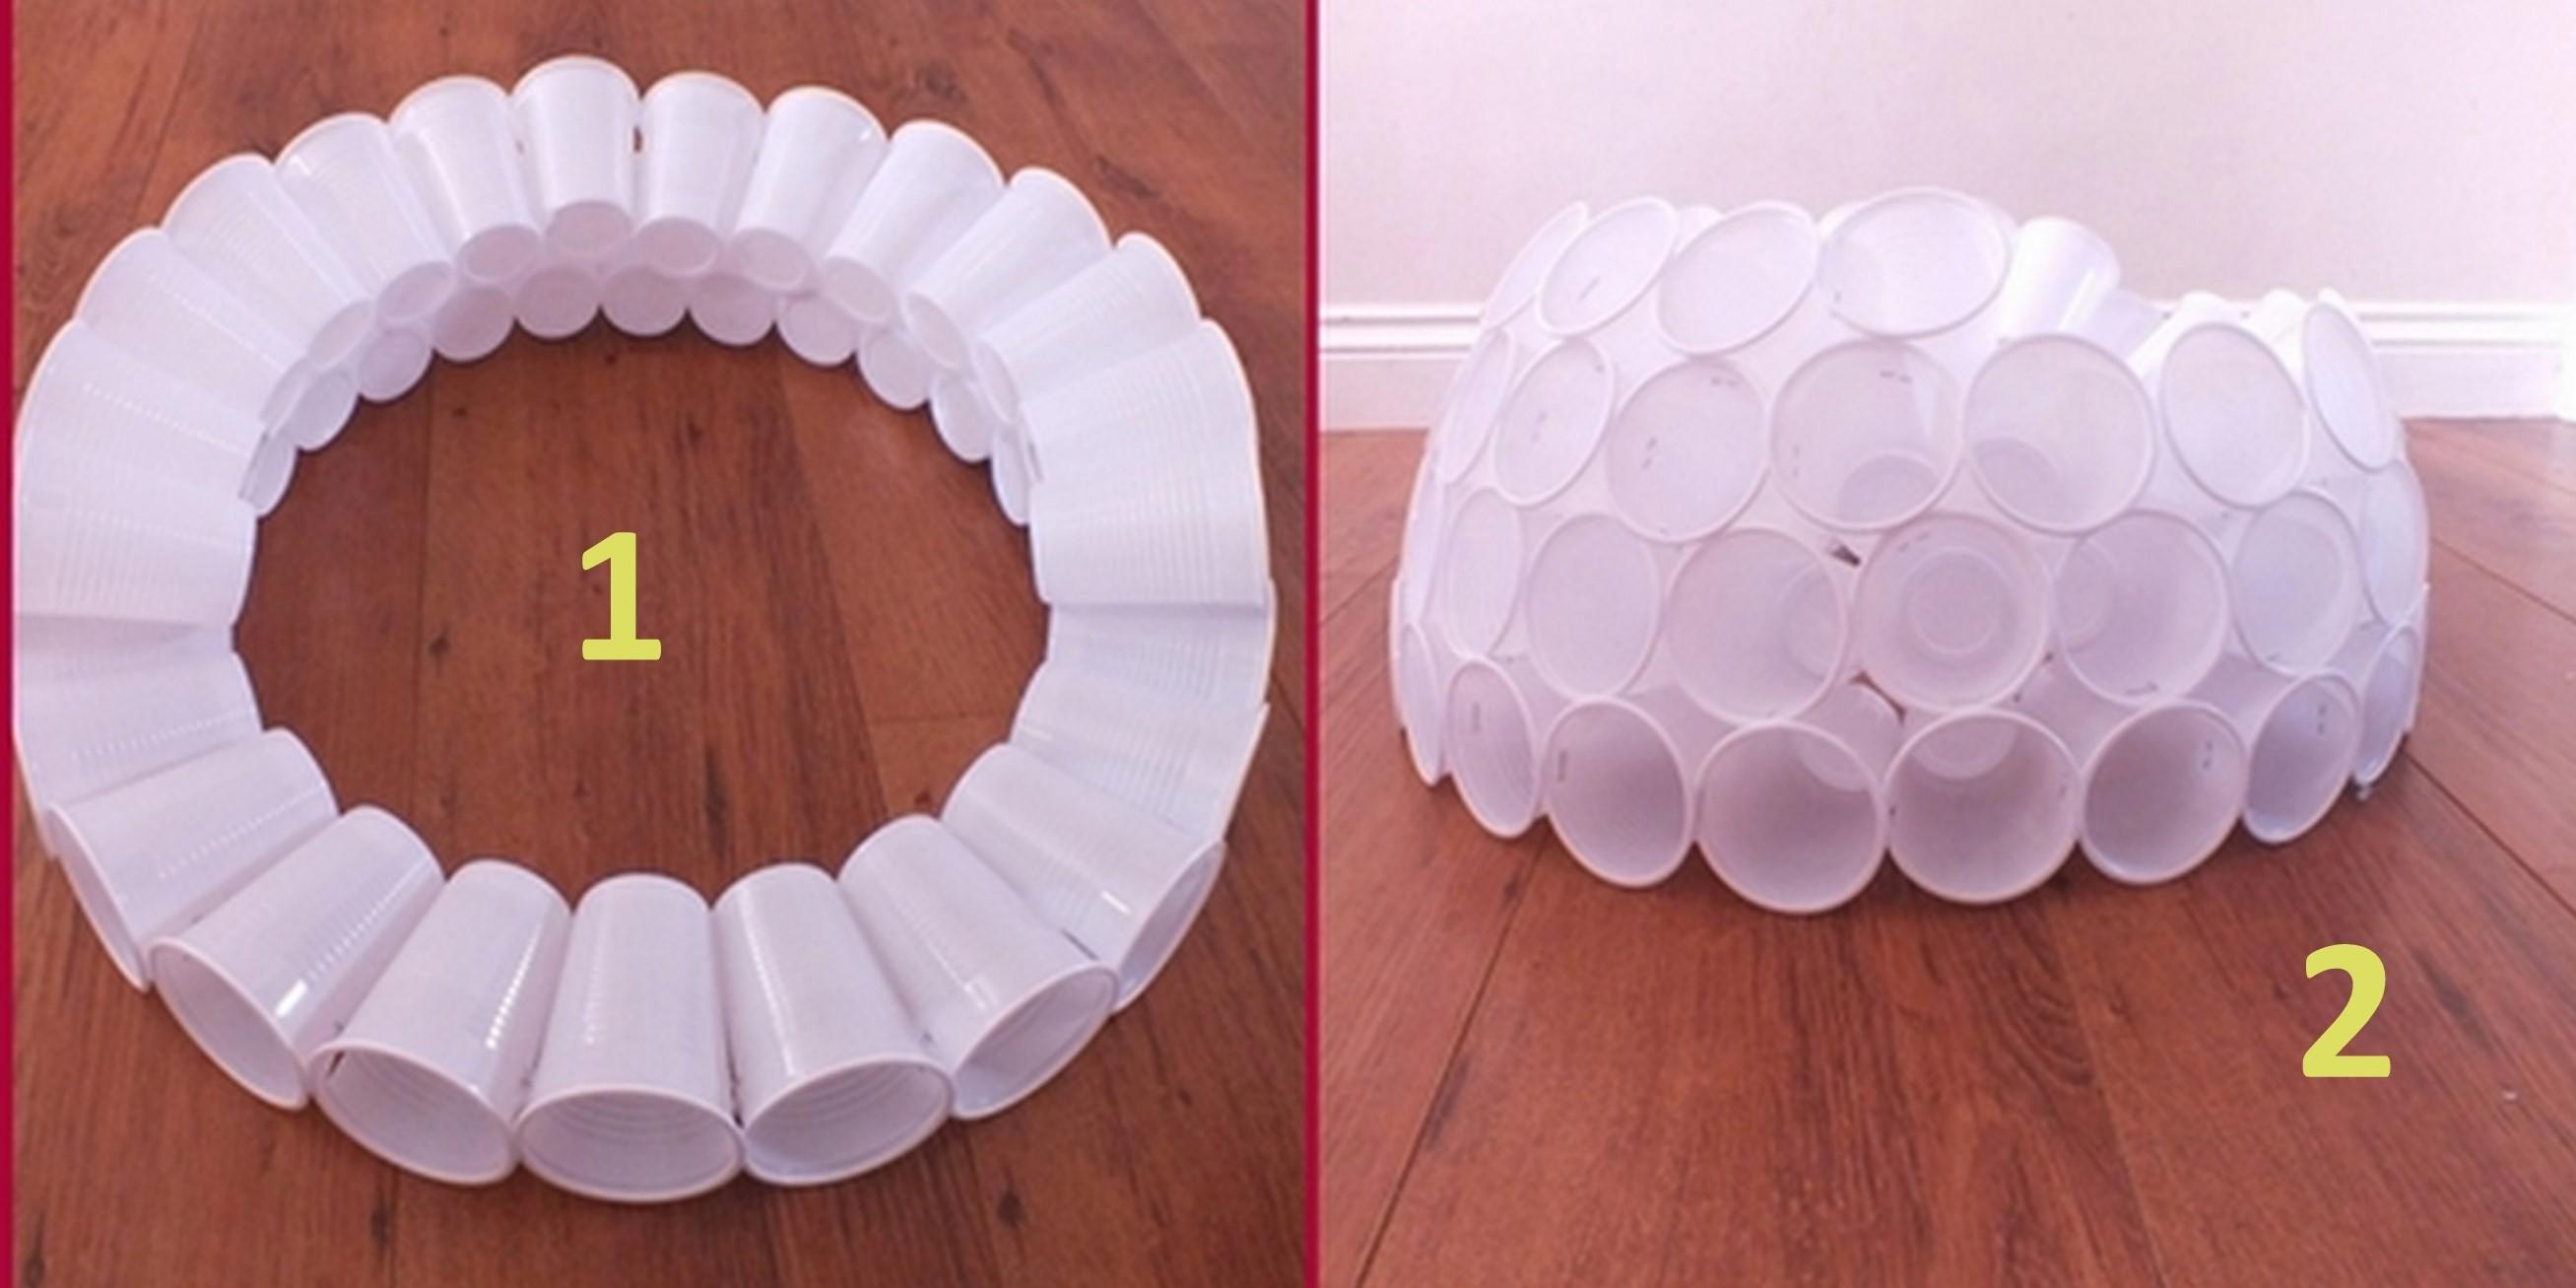 Поделки из пластиковых стаканчиков своими руками пошагово